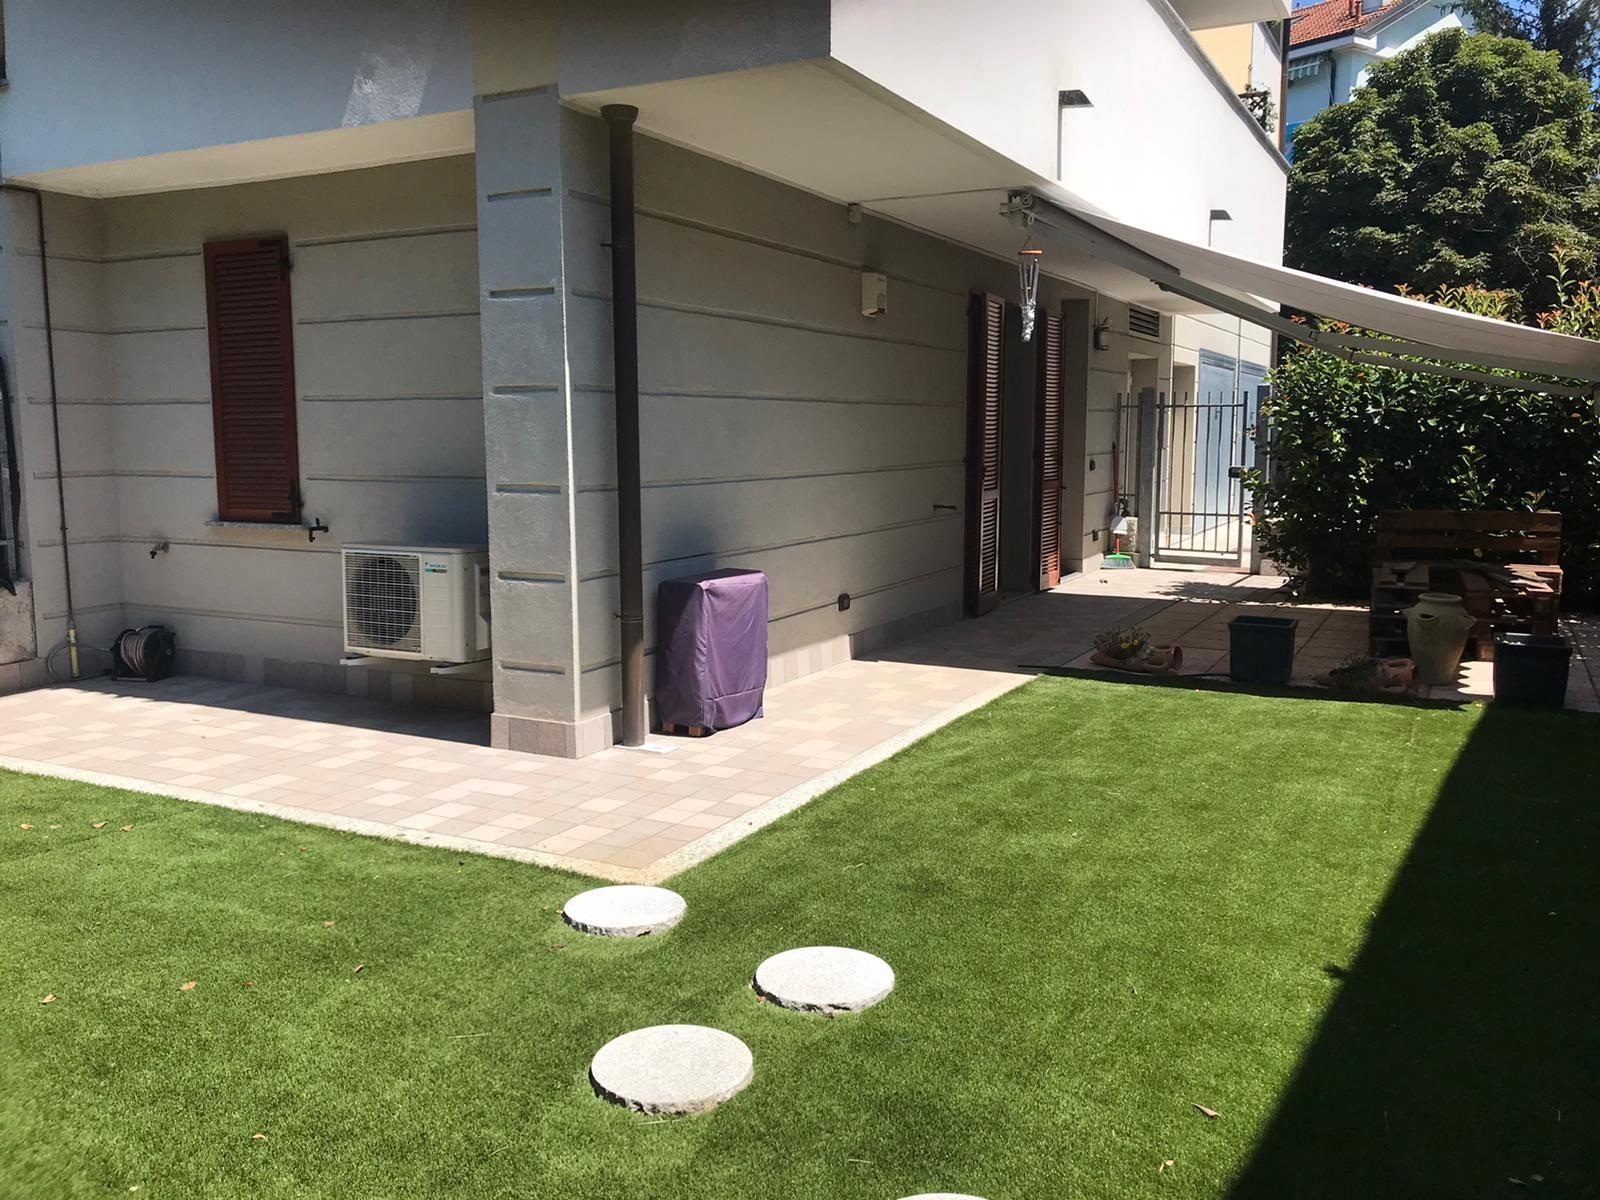 appartamento-in-vendita-a-settimo-milanese-monolocale-con-giardino-privato-1-locale-spaziourbano-immobiliare-vende-4